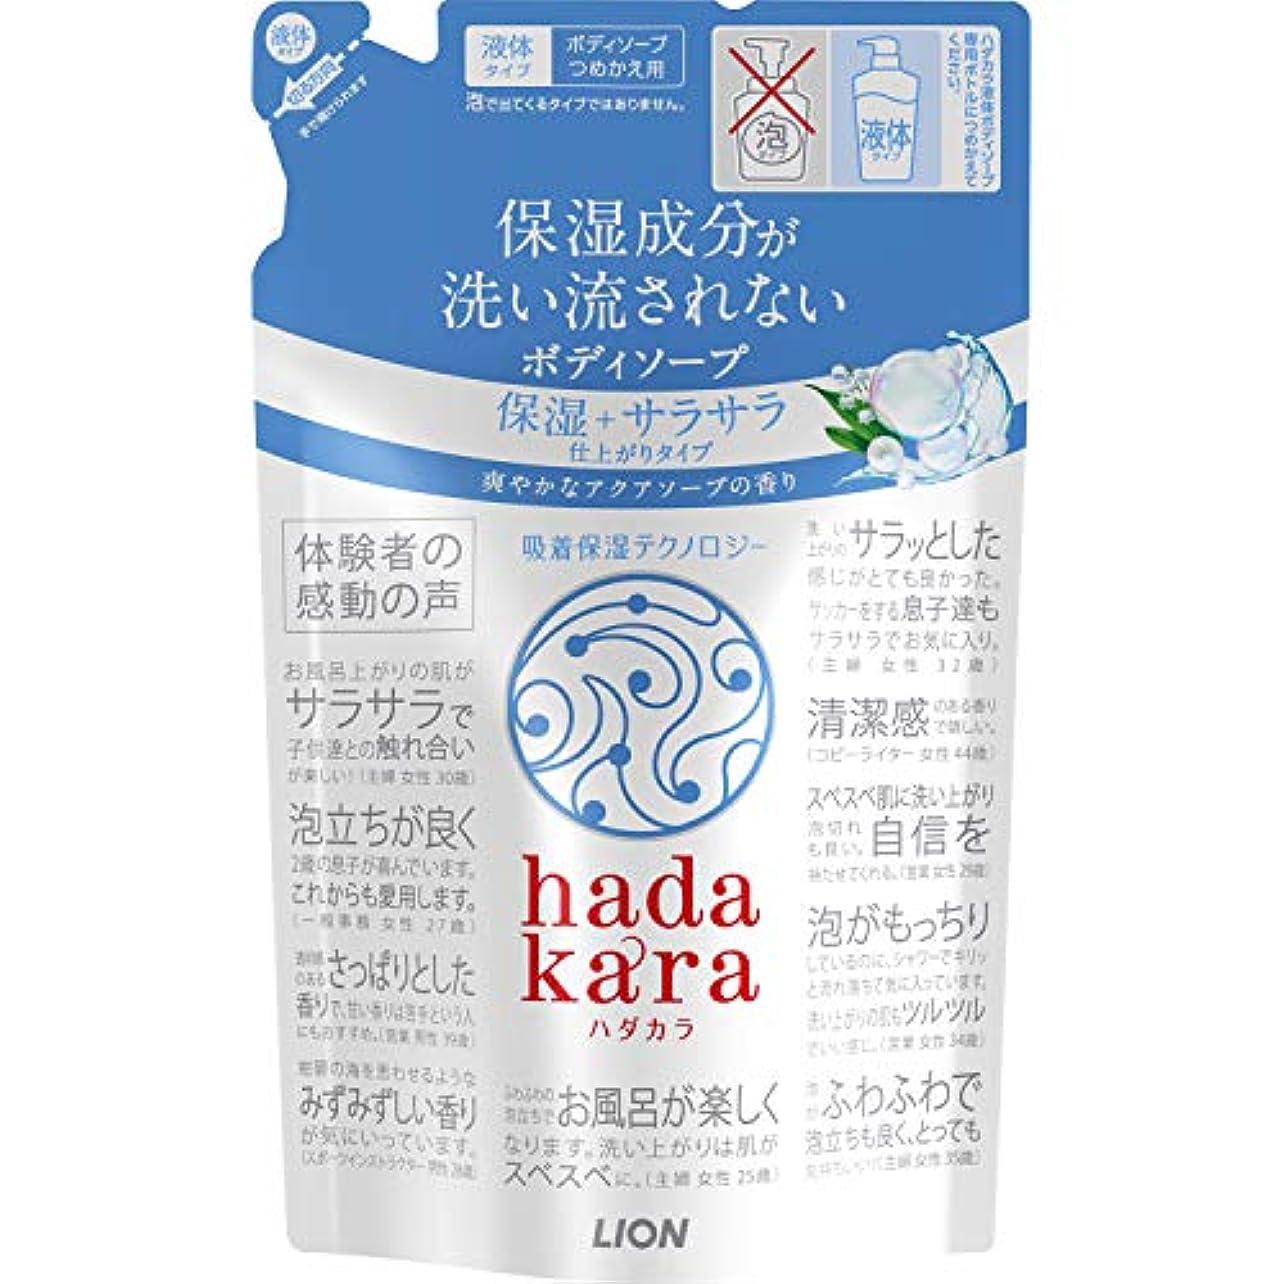 分離する蚊ジェットhadakara(ハダカラ) ボディソープ 保湿+サラサラ仕上がりタイプ アクアソープの香り 詰め替え 340ml